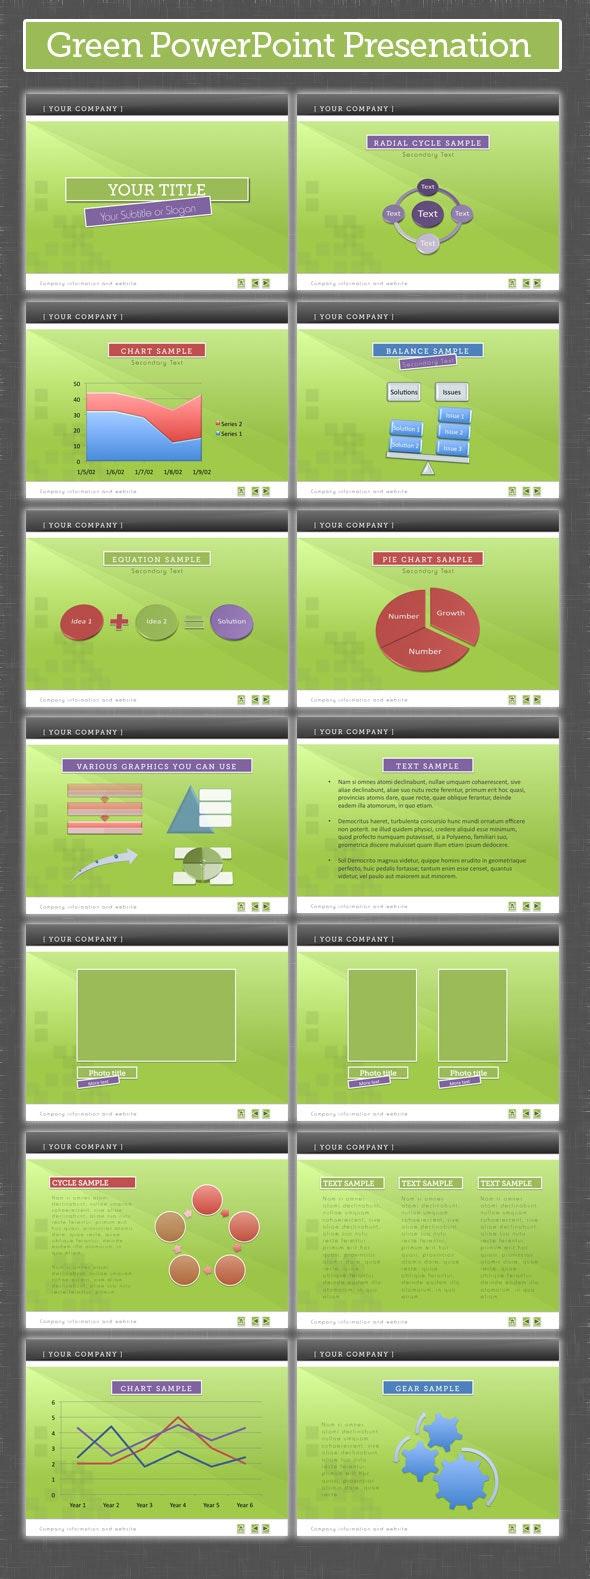 Green PowerPoint Presentation - PowerPoint Templates Presentation Templates